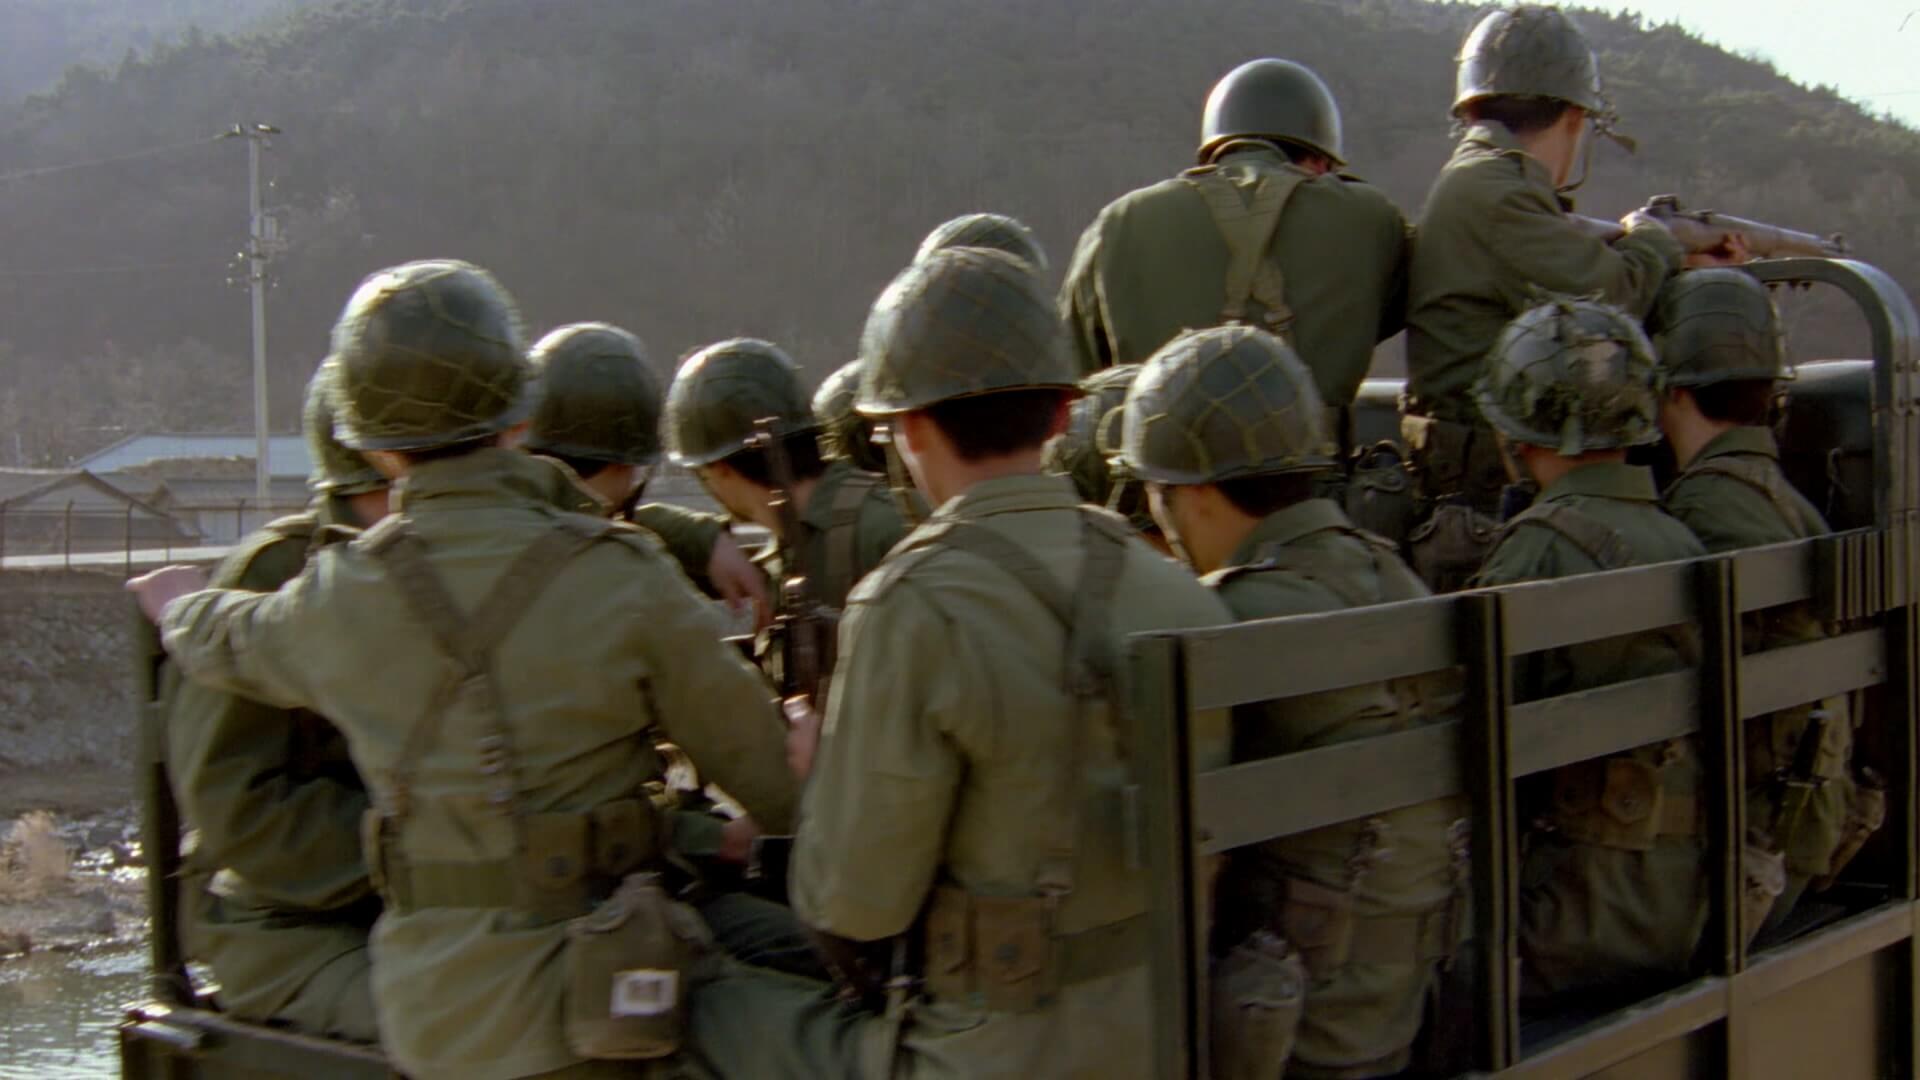 The-Taebaek-Mountains-1994-1080p-Blu-ray-AVC-DTS-HD-MA-2-0-ARi-N-20190412-153913-545